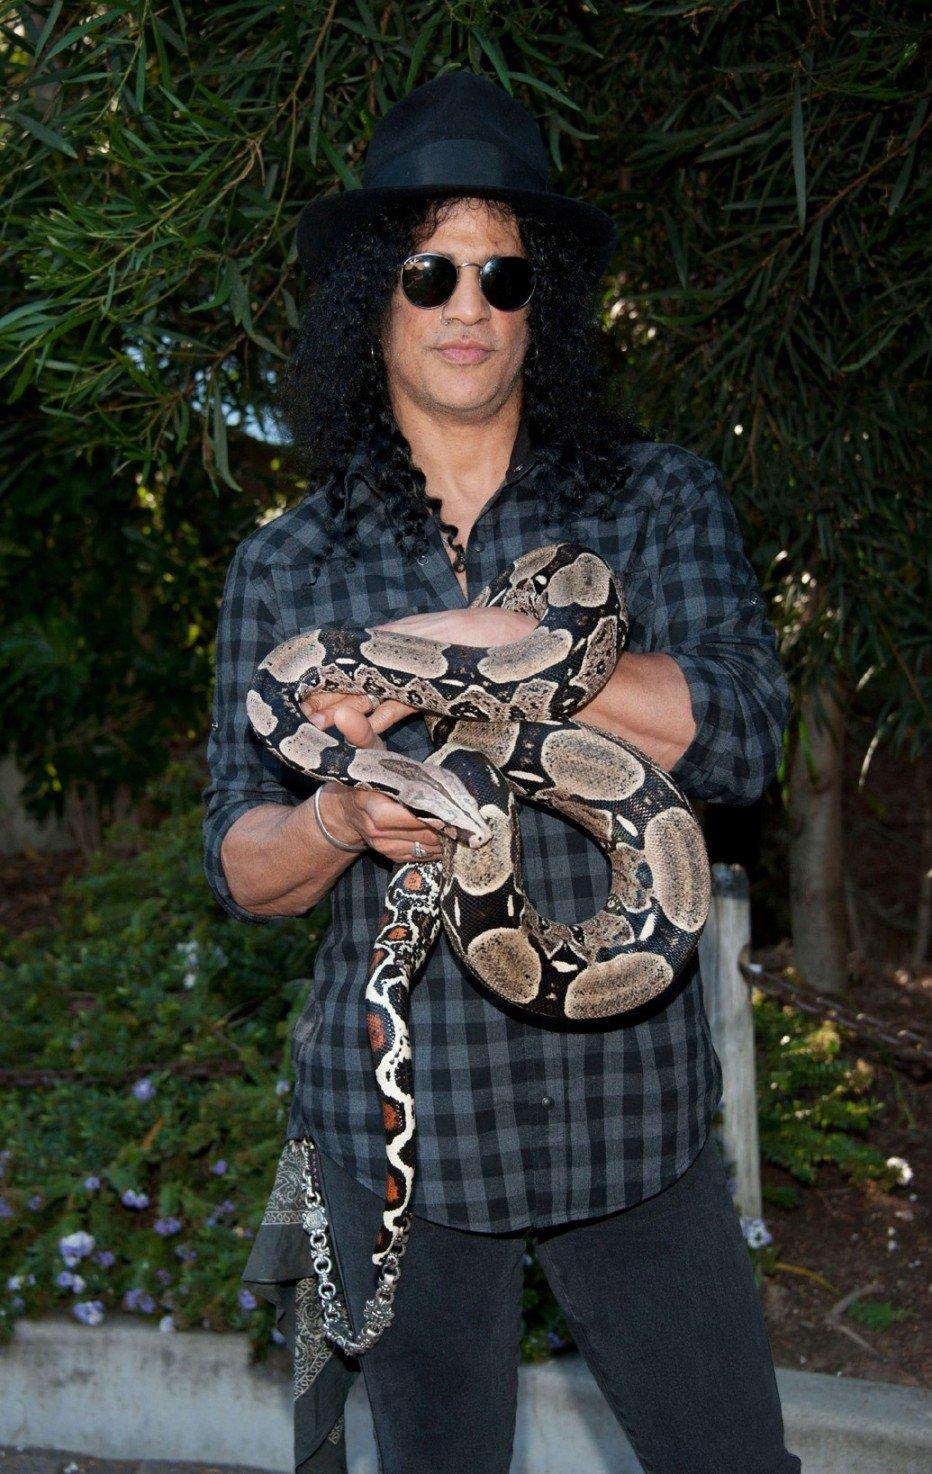 Популярный гитарист и участник американской рок-группы Guns N' Roses просто обожает рептилий. Когда-